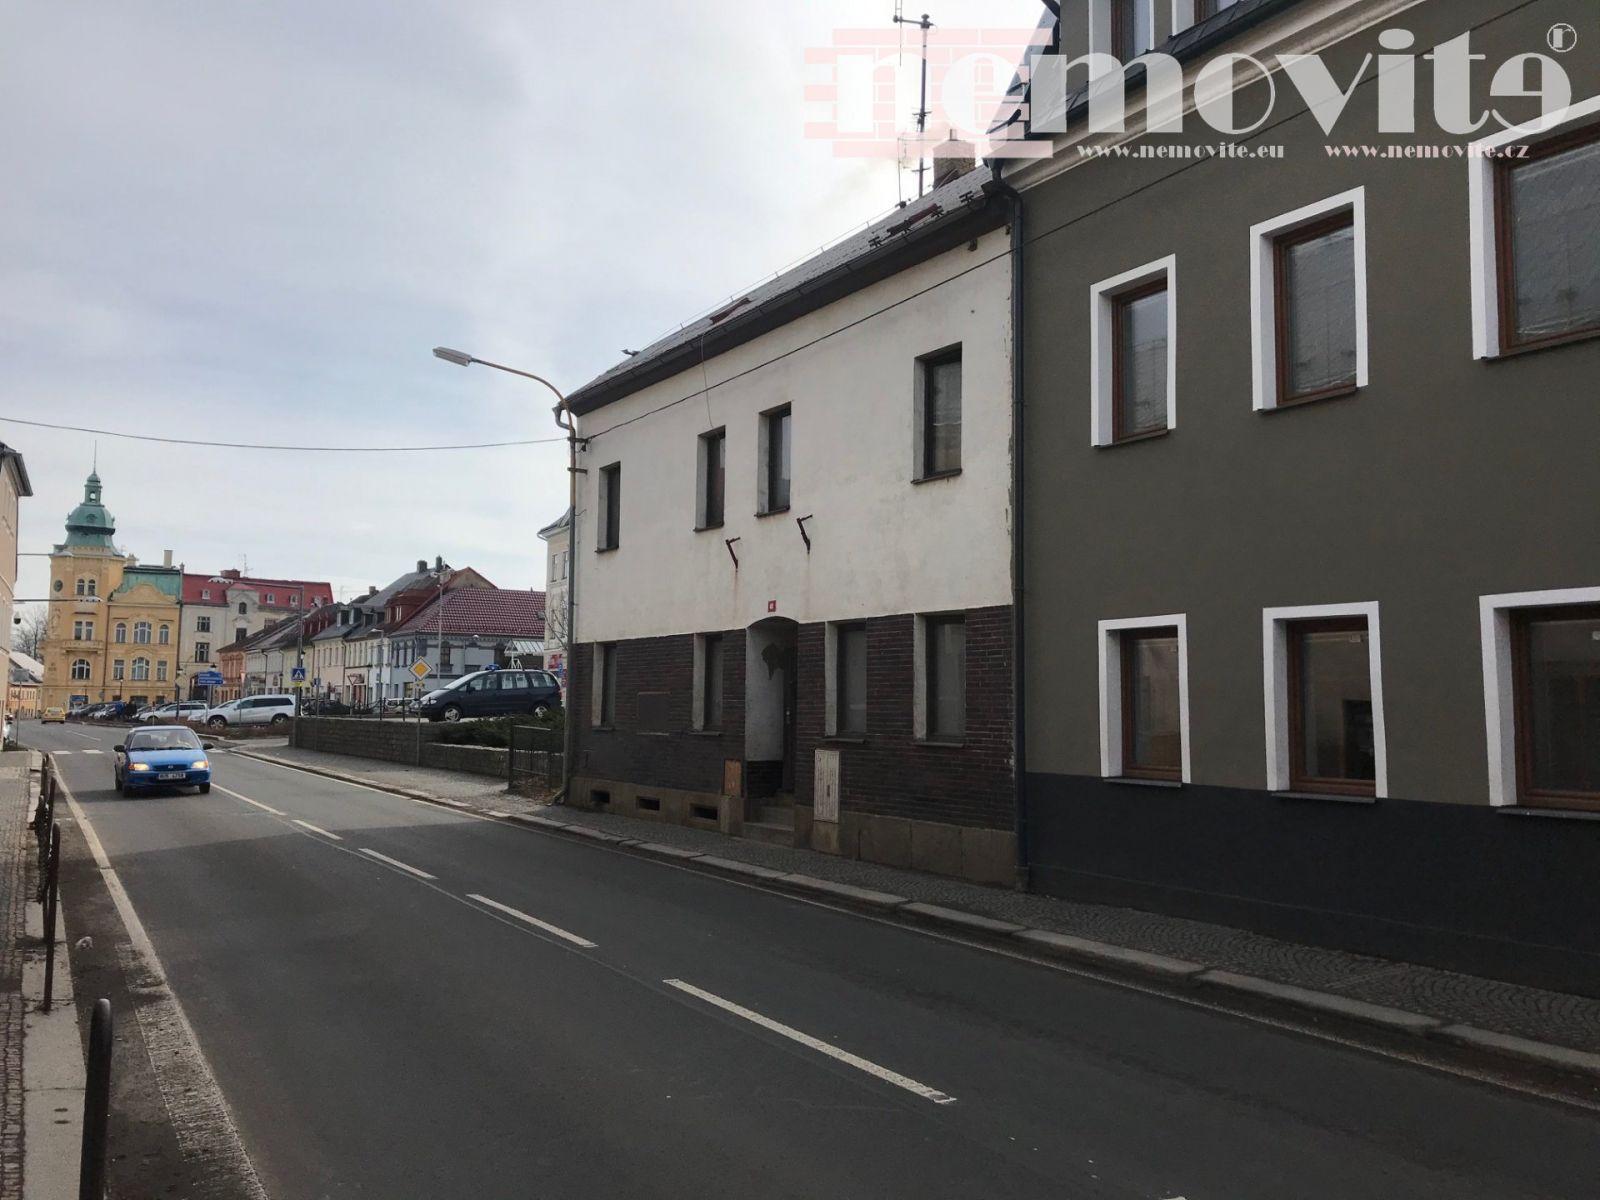 Exkluzivně nabízíme prodej bytového domu s pěti bytovými jednotkami v obci Šluknov